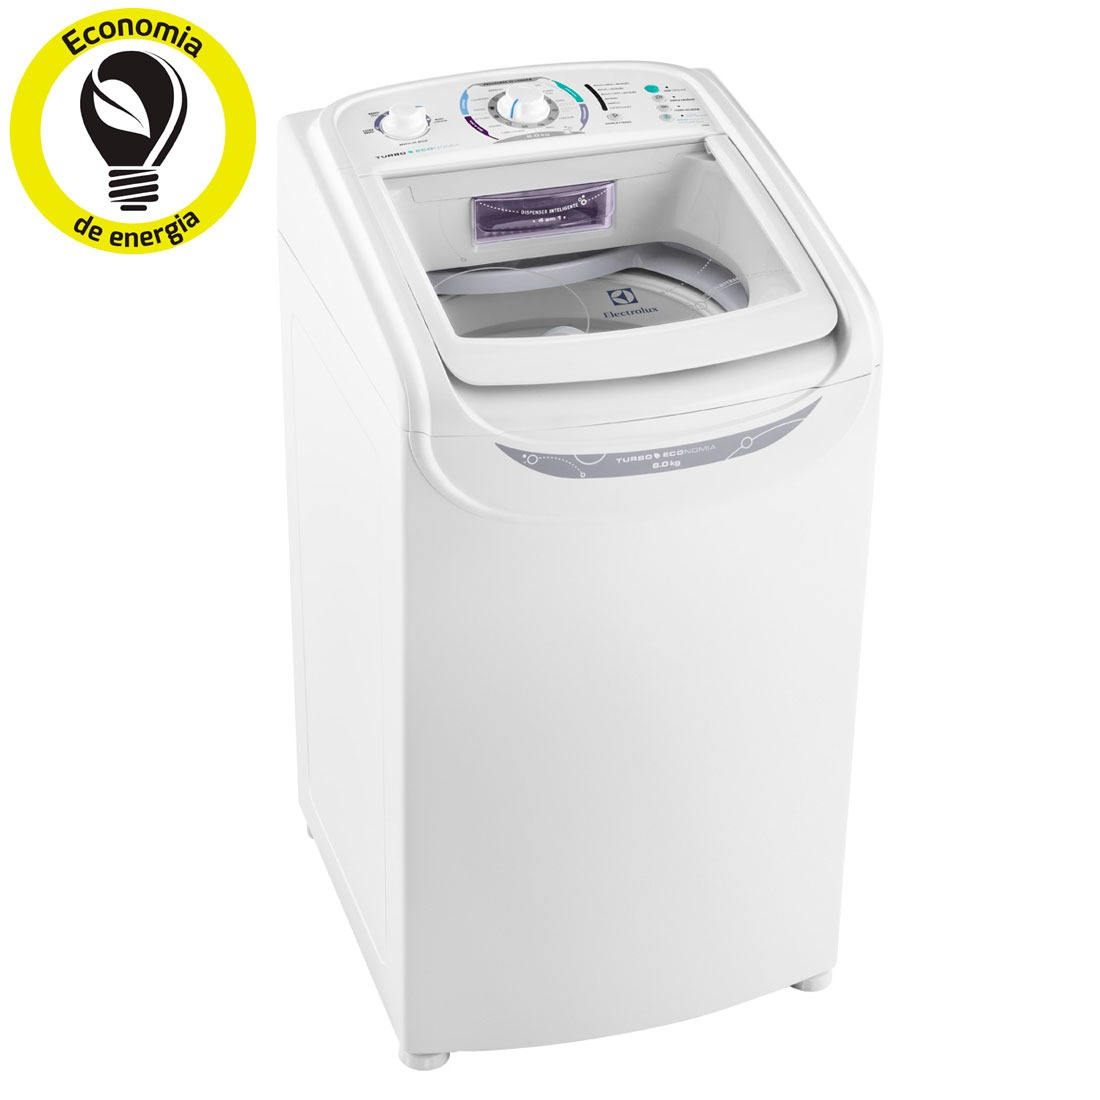 M quina de lavar lavadora de roupa electrolux 8kg 110v - Lavar almohadas en lavadora ...